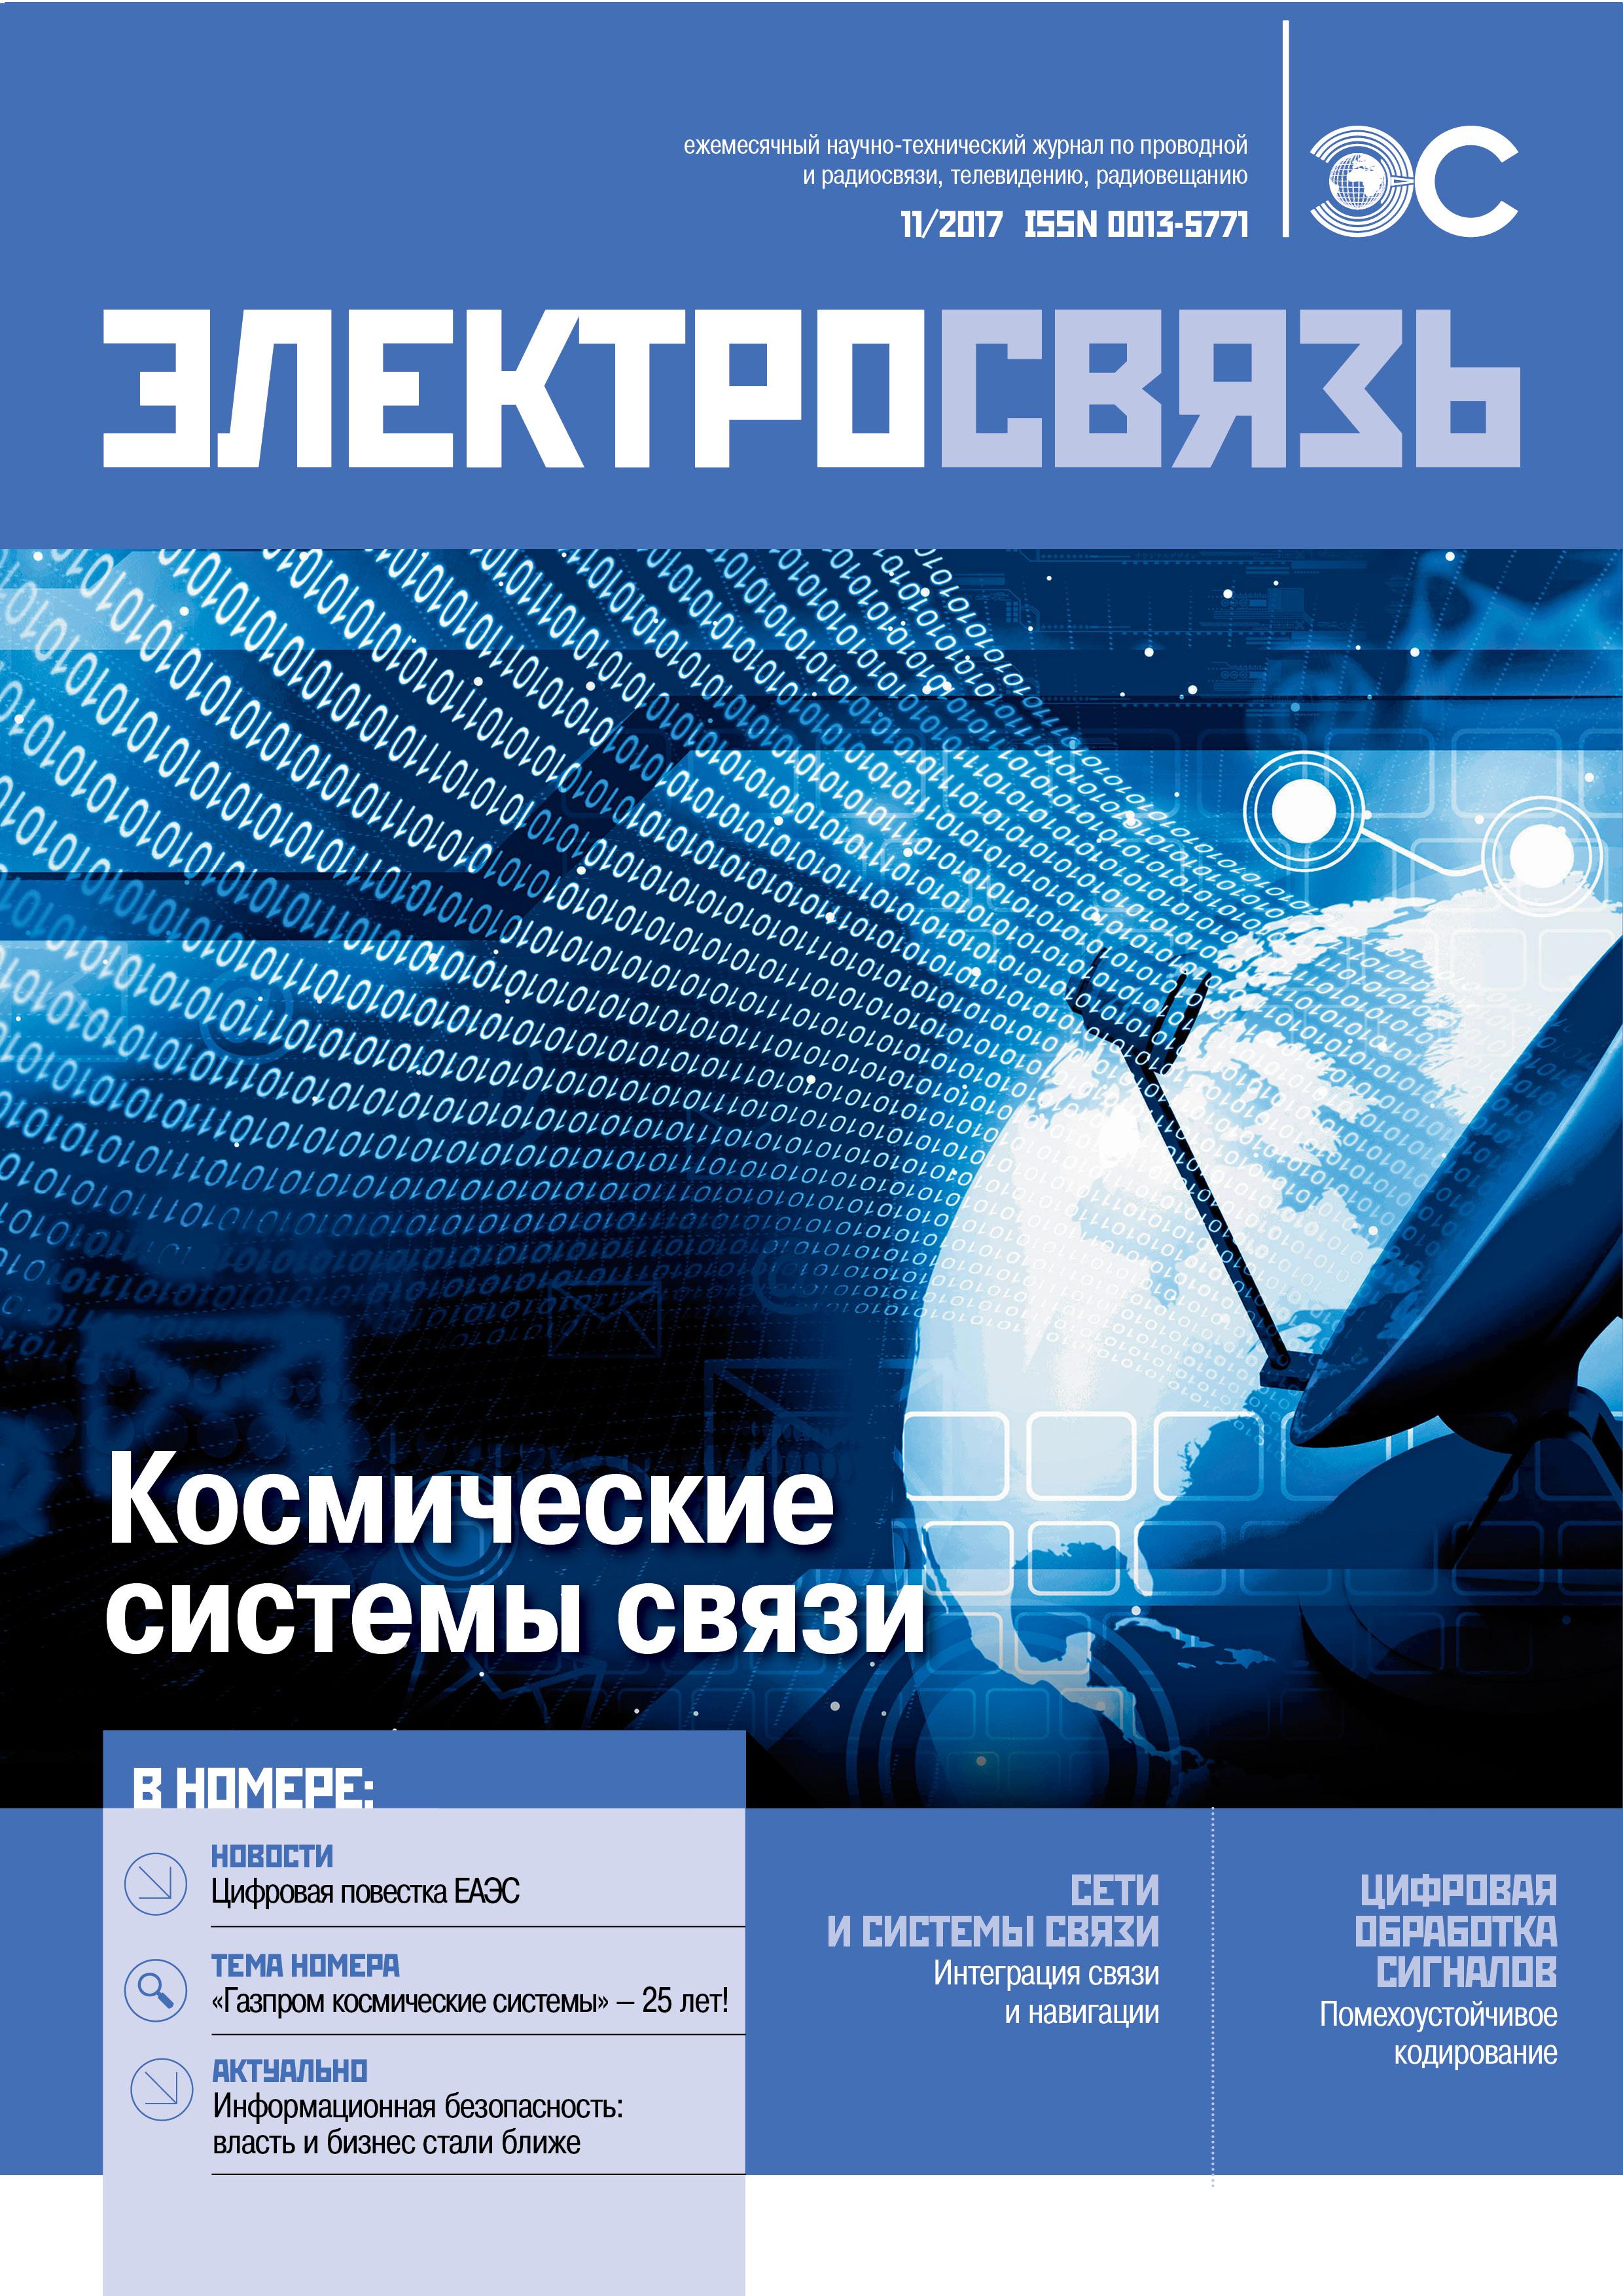 ES_11-2017_cover